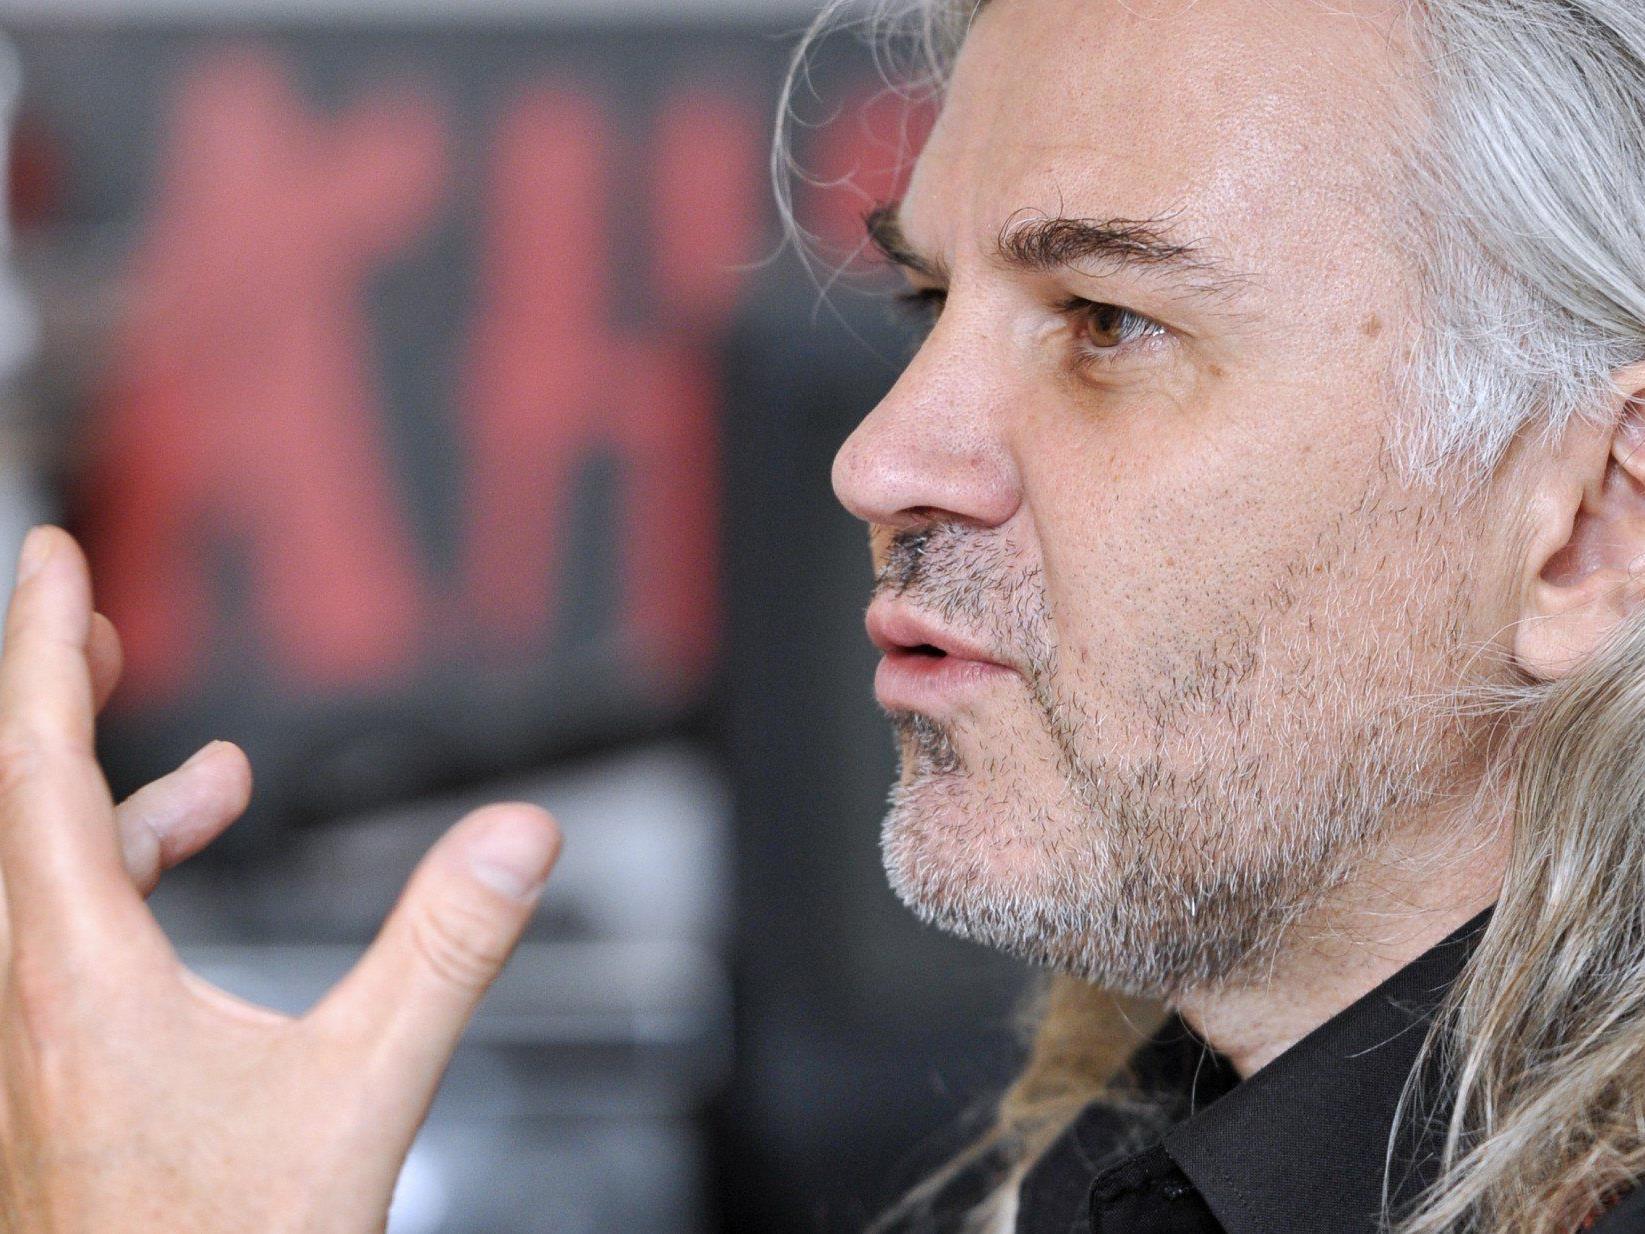 Österreichischer Filmemacher Michael Glawogger 54-jährig gestorben